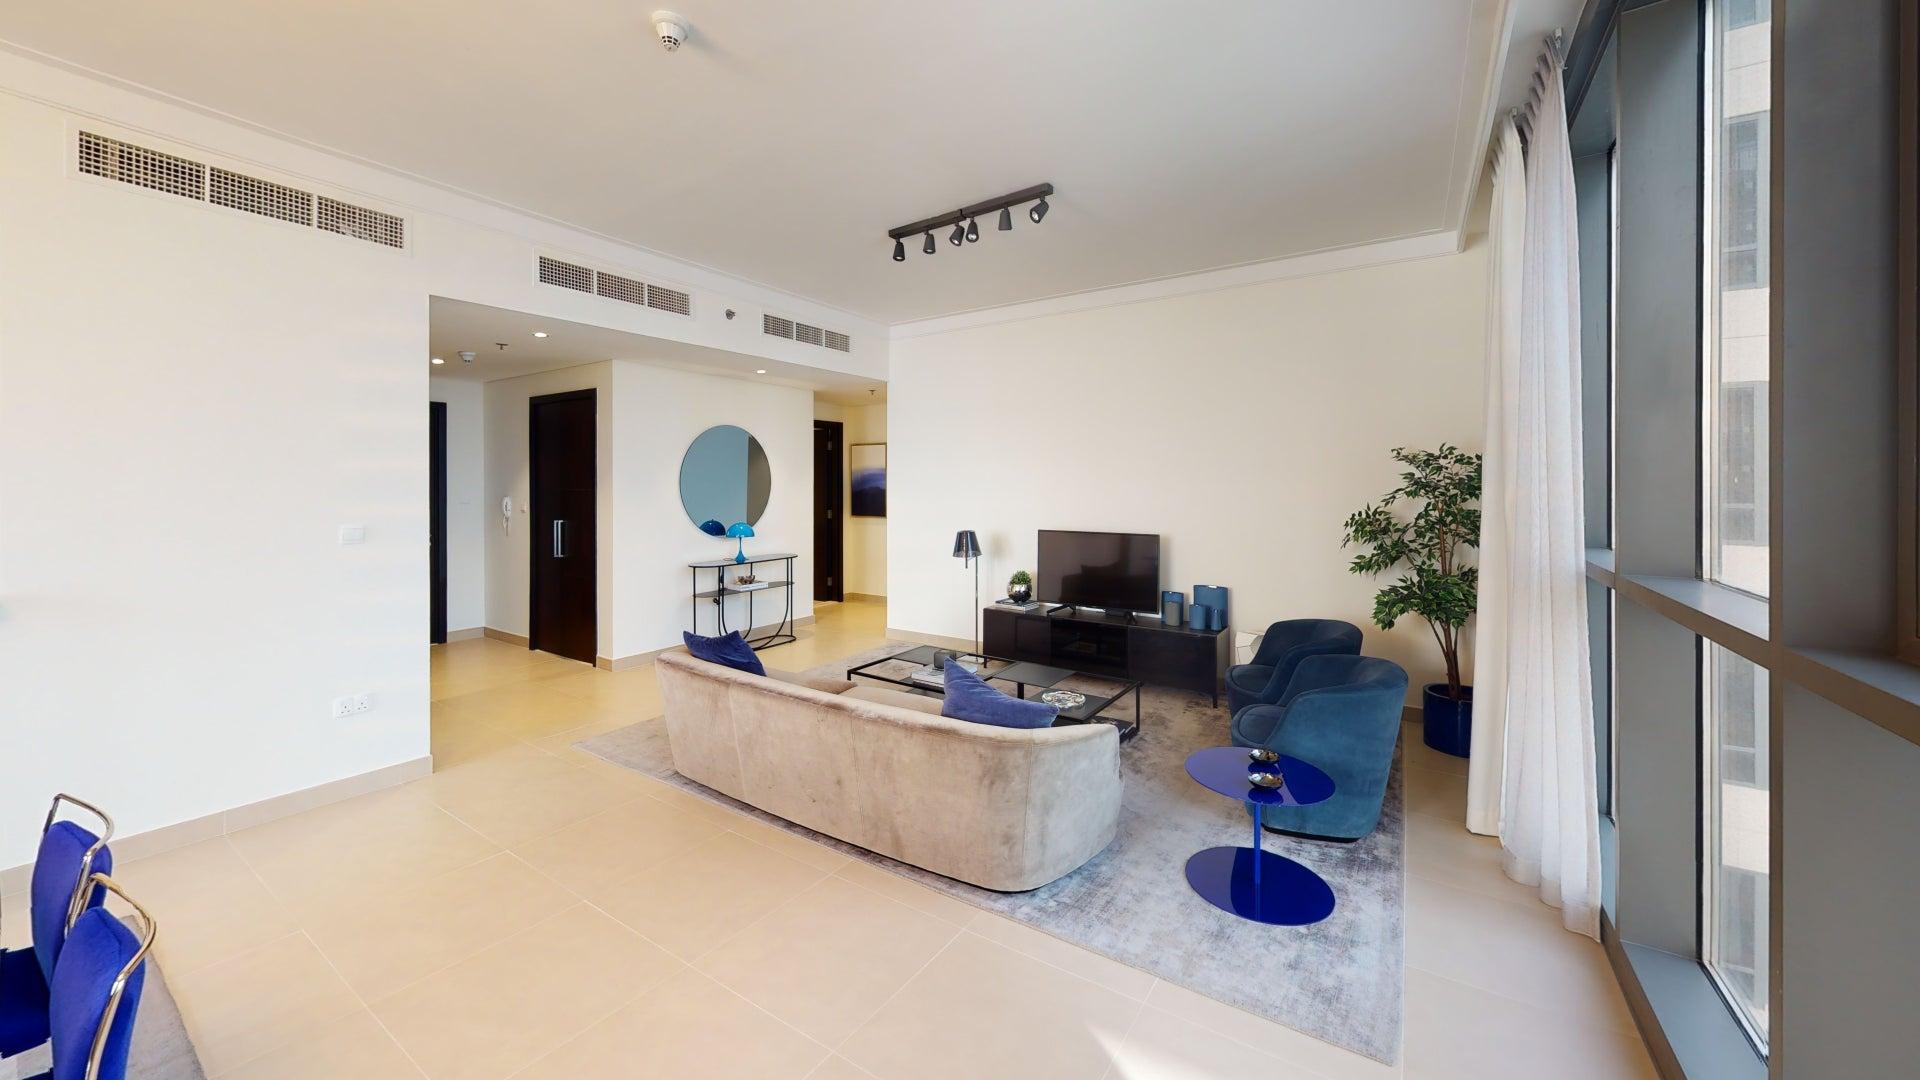 Apartamento en venta en Dubai, EAU, 2 dormitorios, 146 m2, № 24138 – foto 1